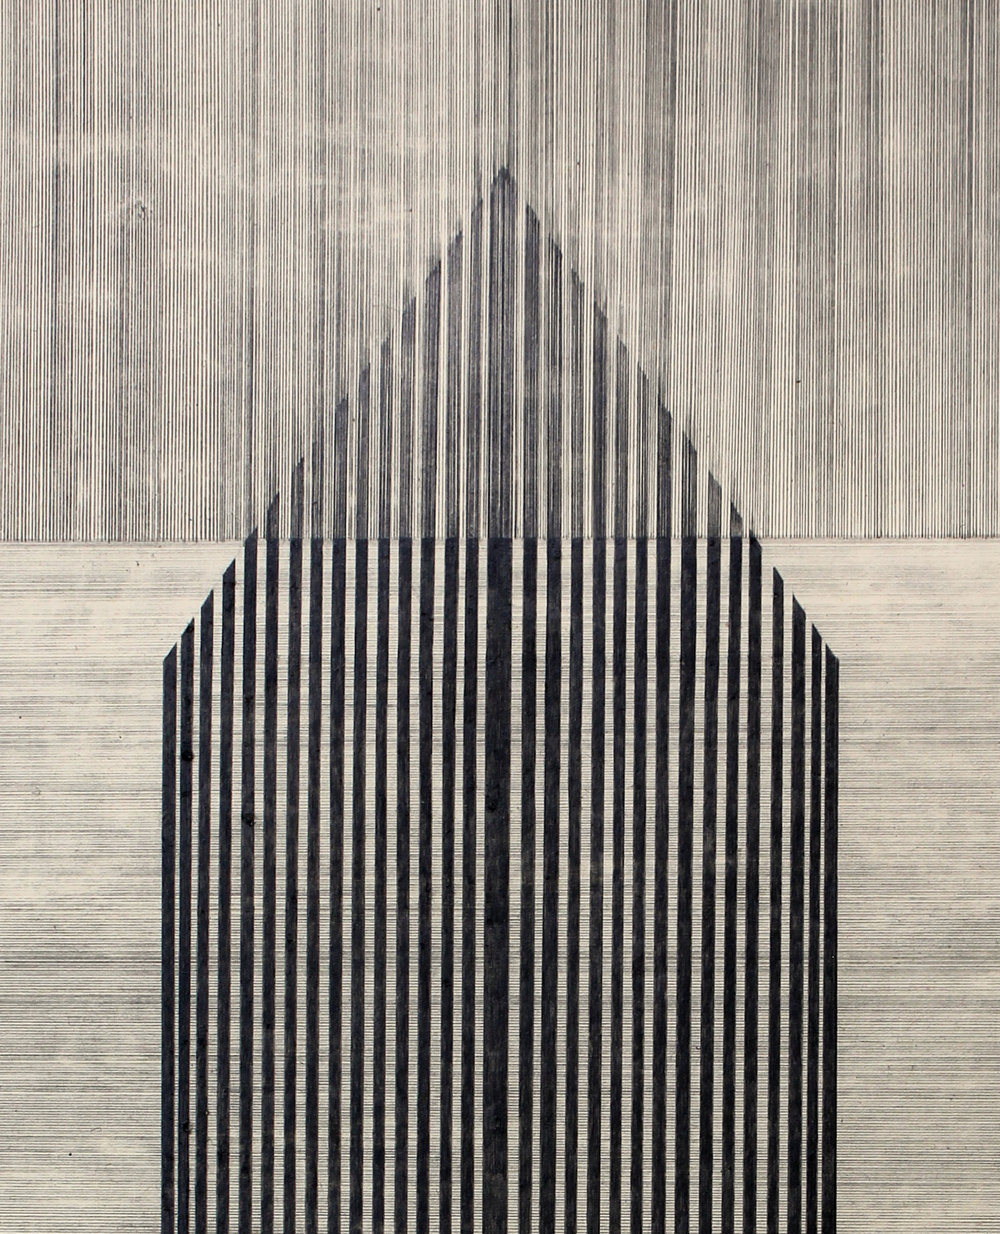 Loom (detail)